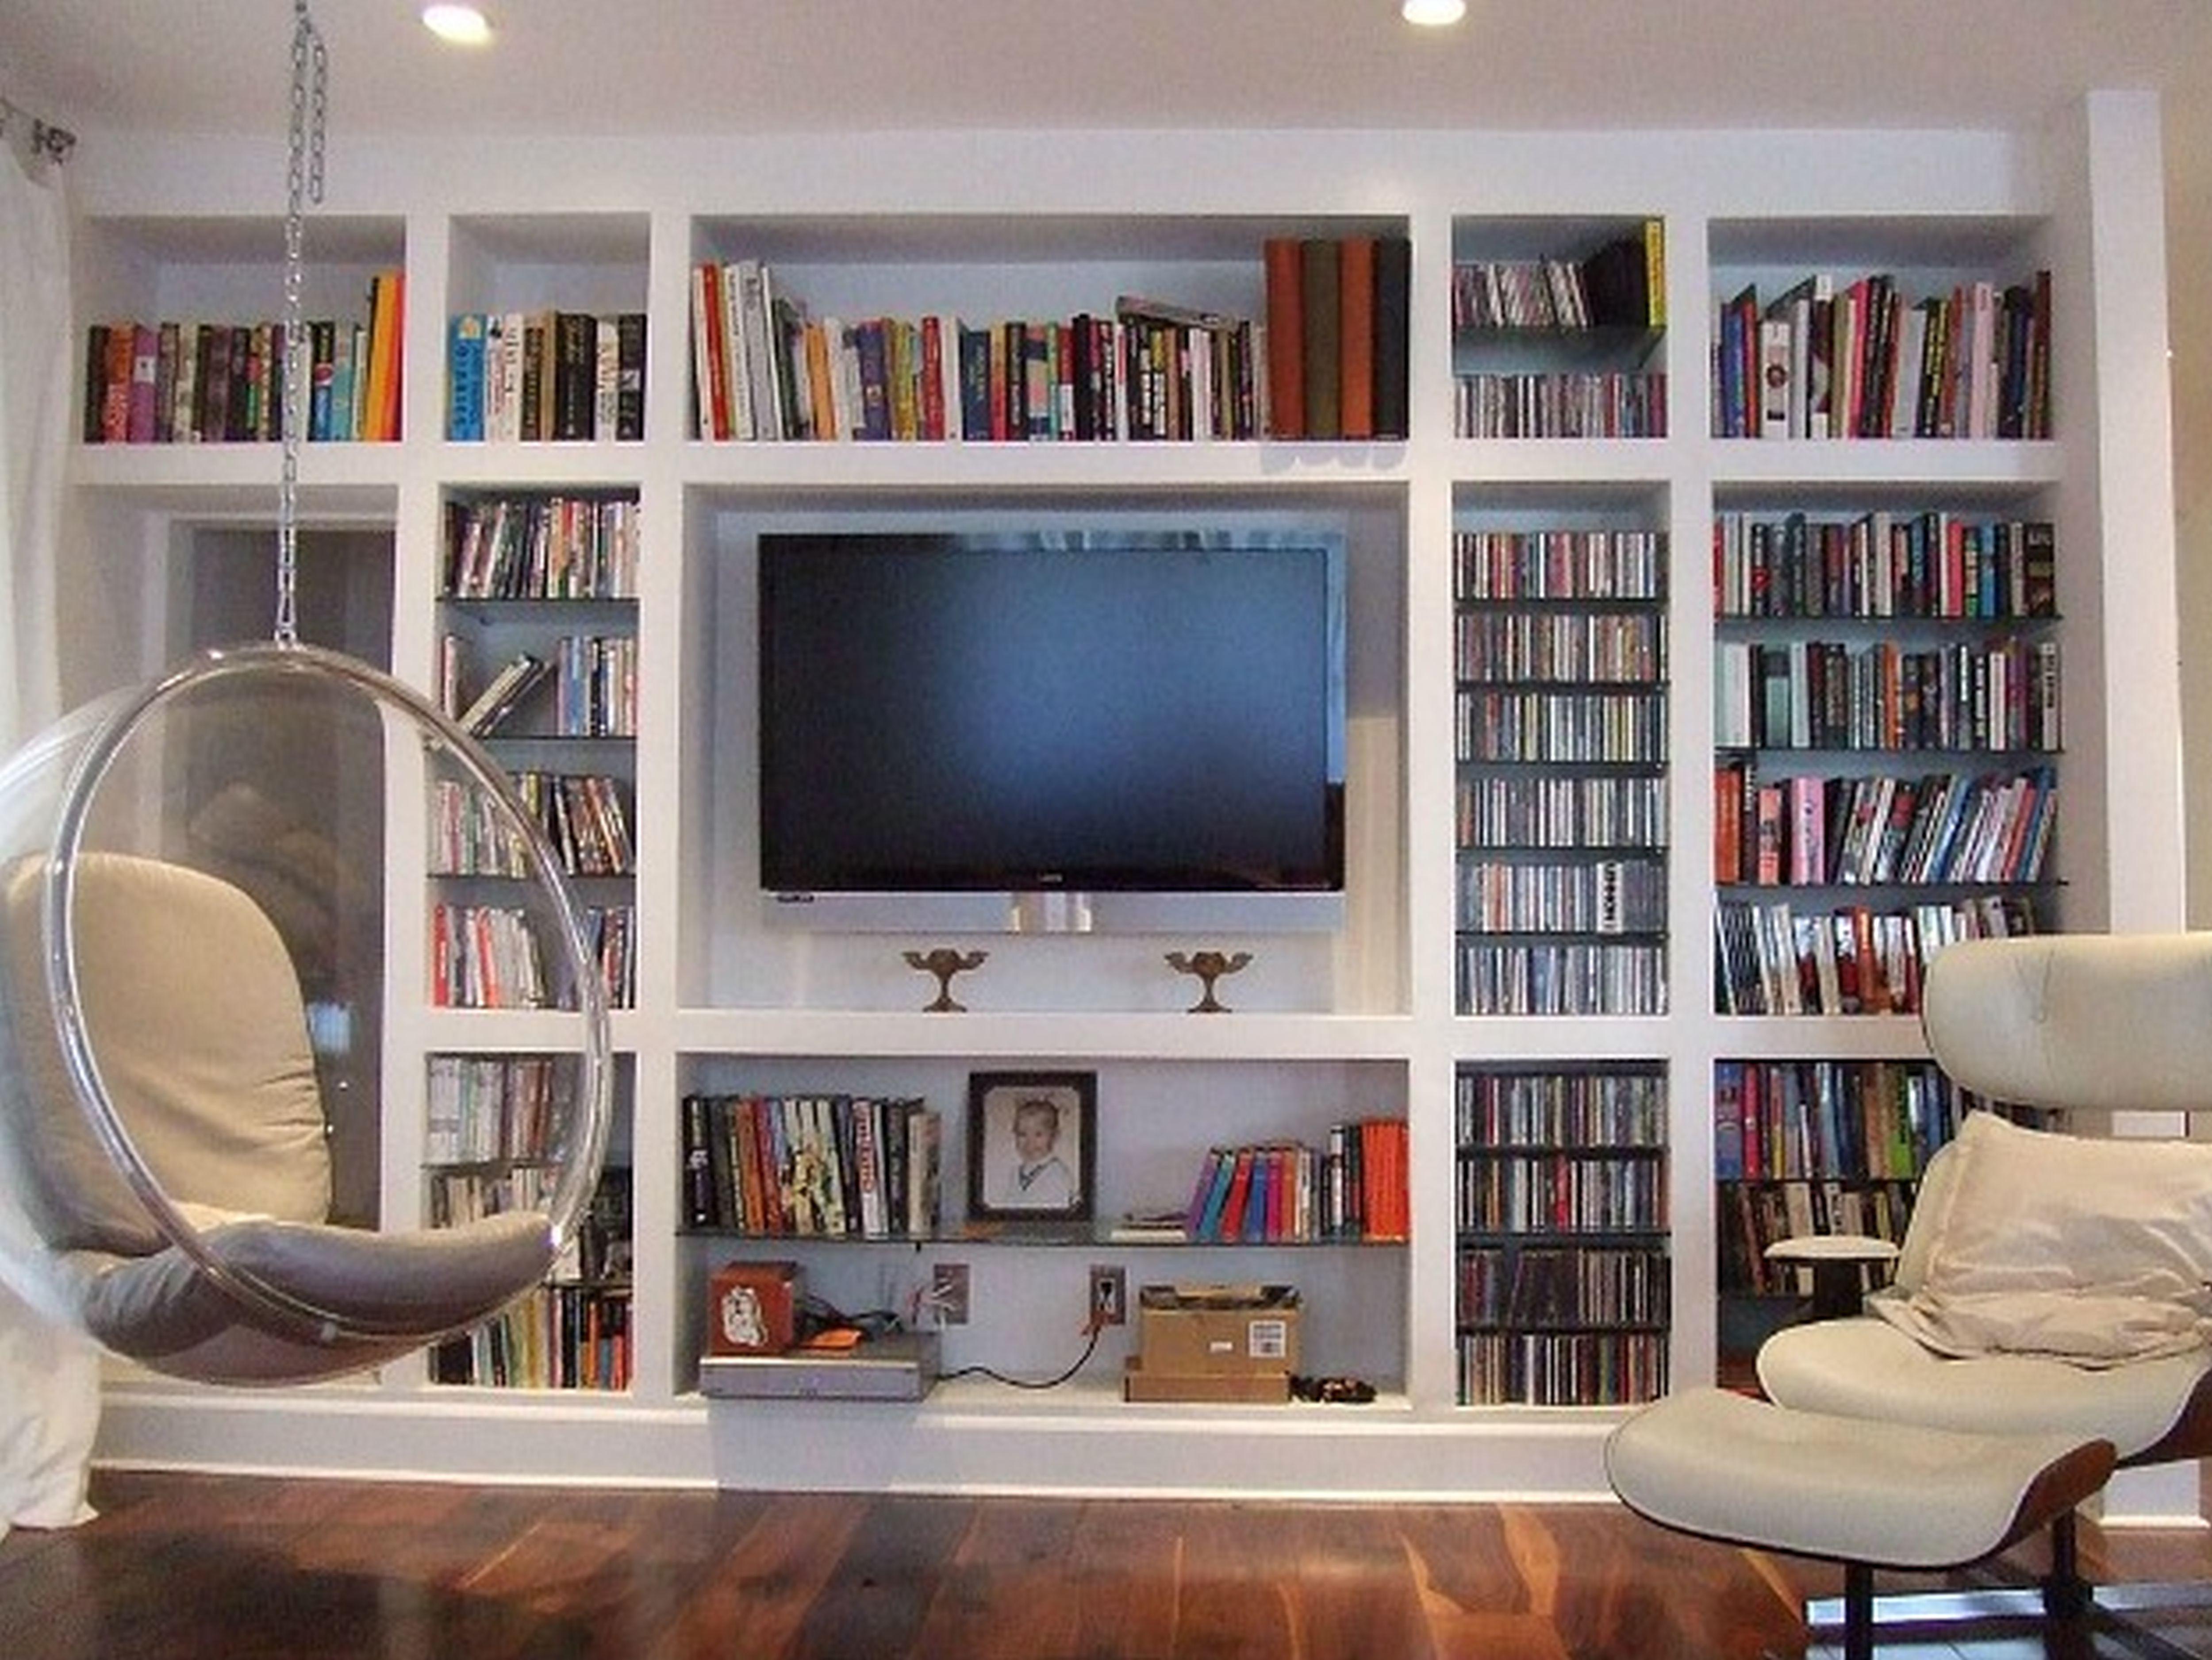 Tv Bookshelves Antevortaco Intended For Tv Book Case (View 10 of 14)